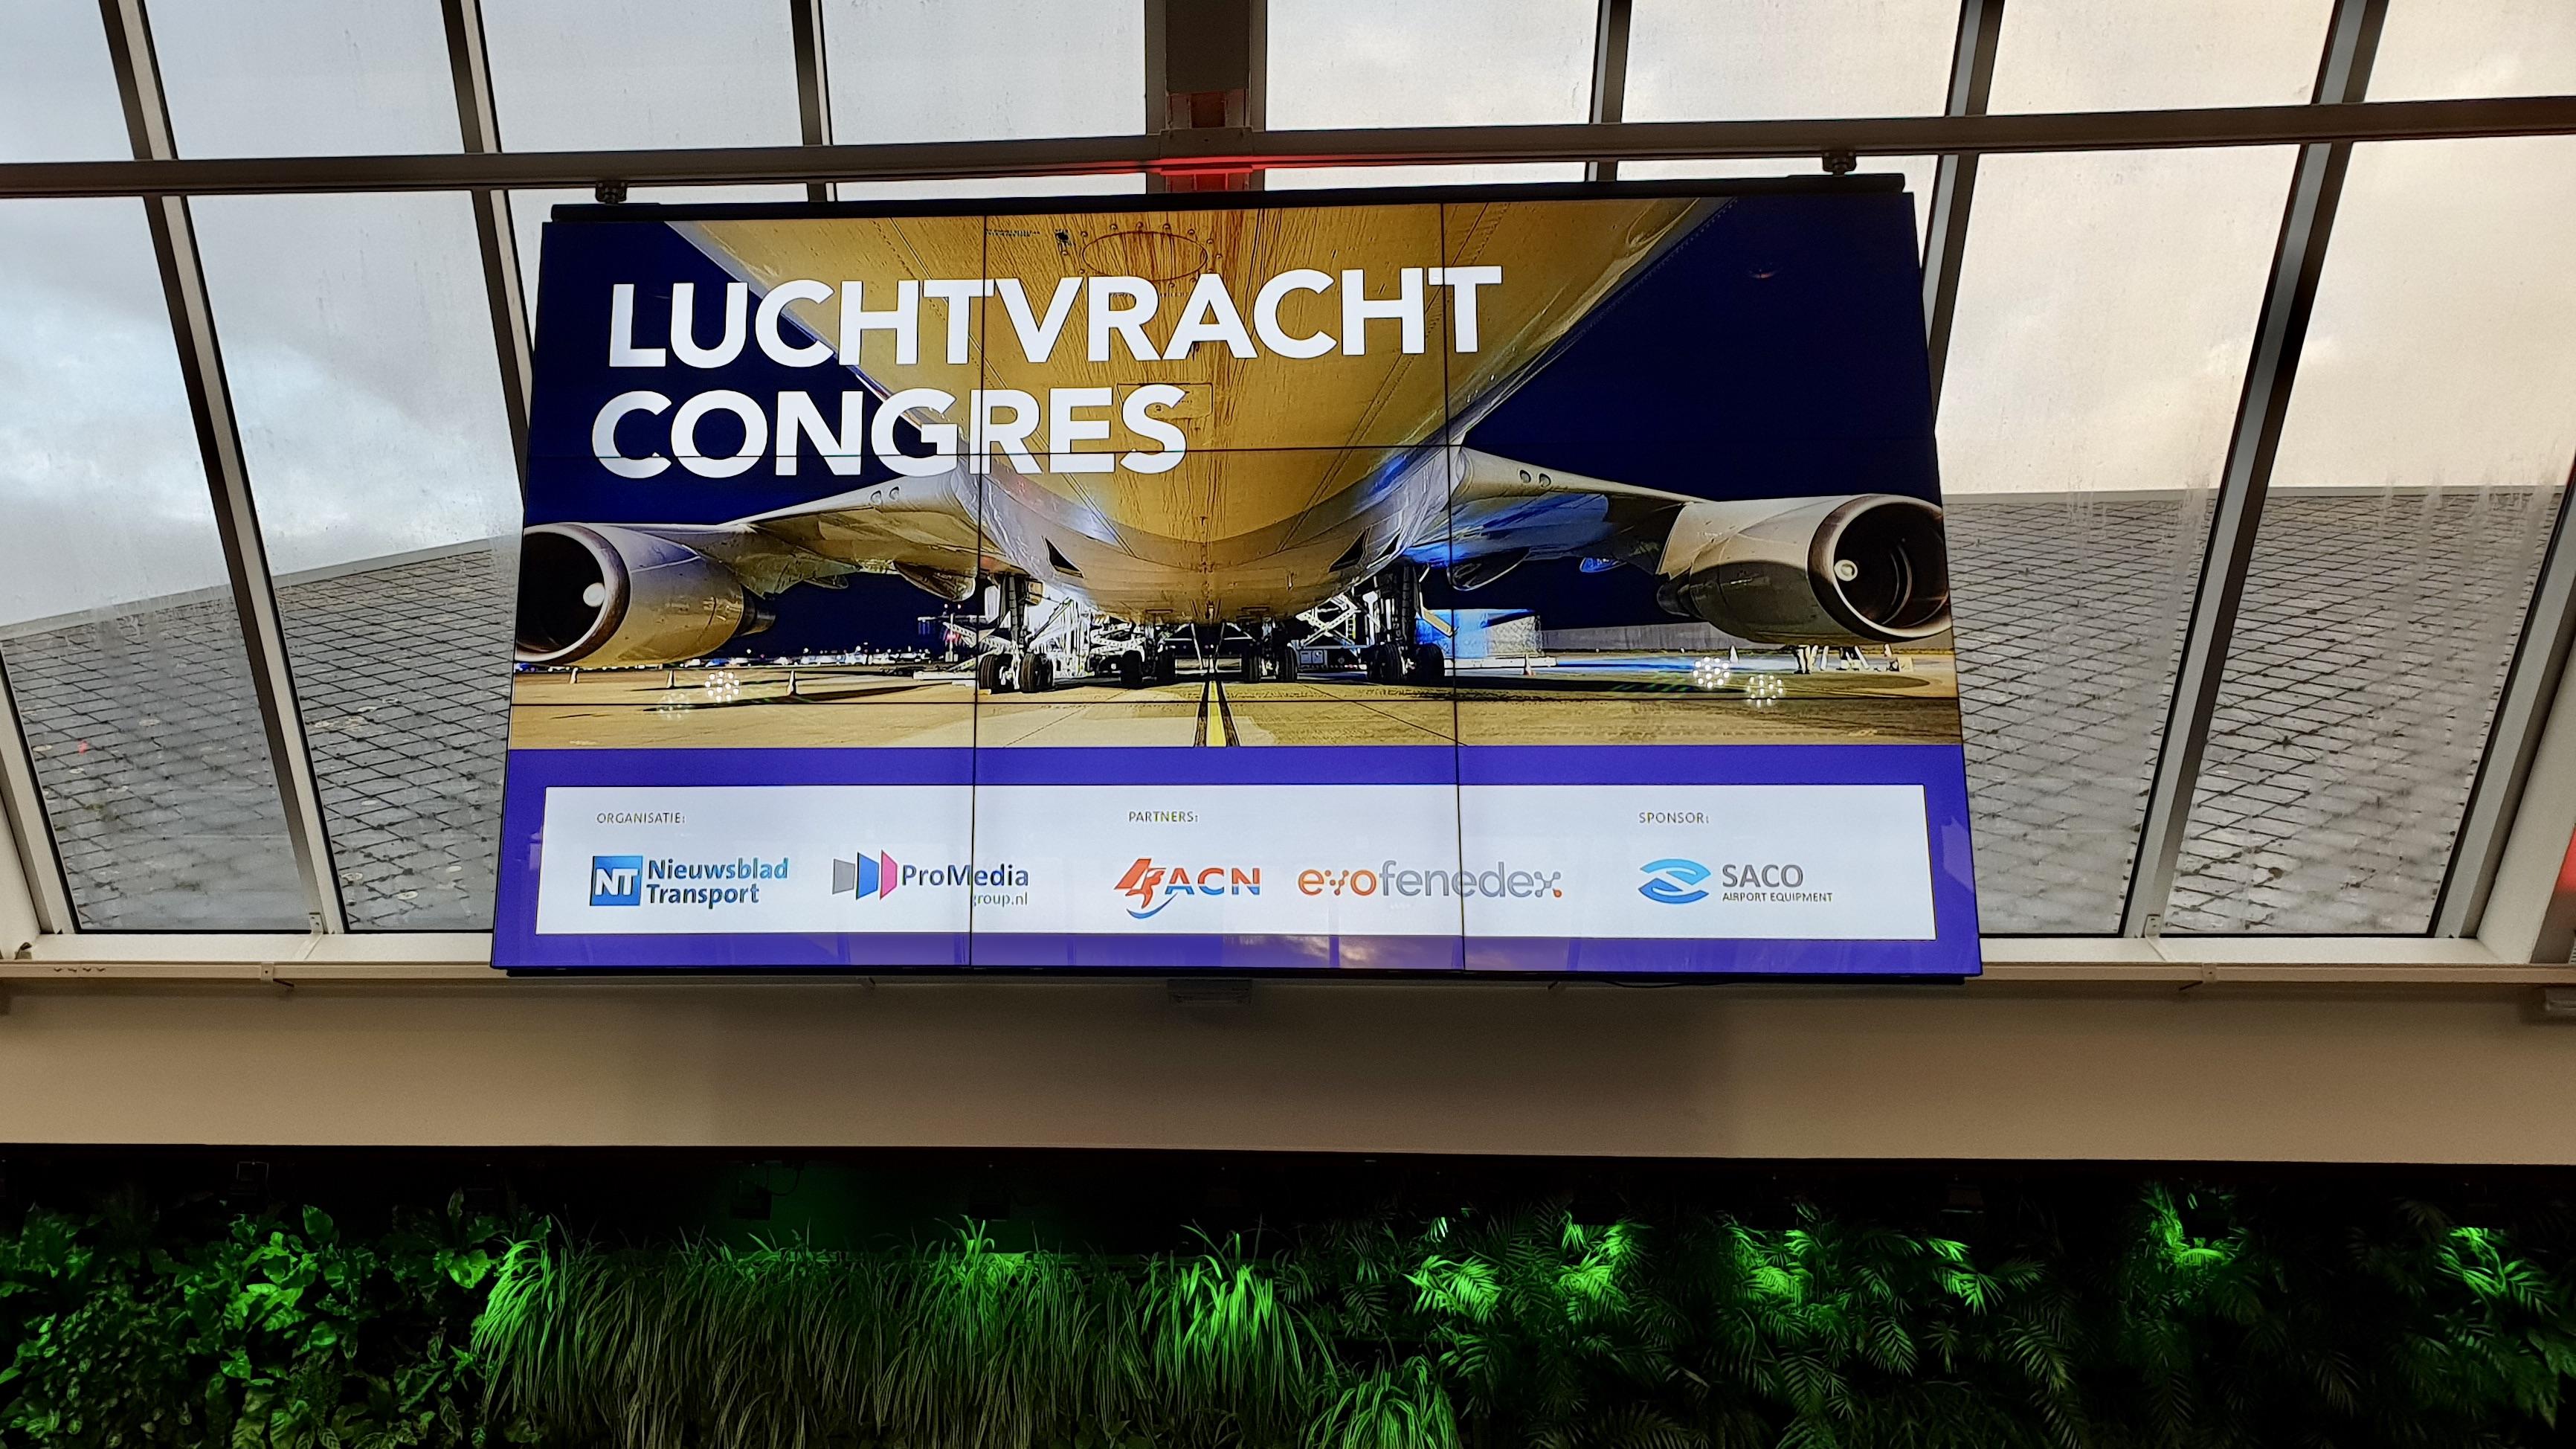 luchtvrachtcongres 2019